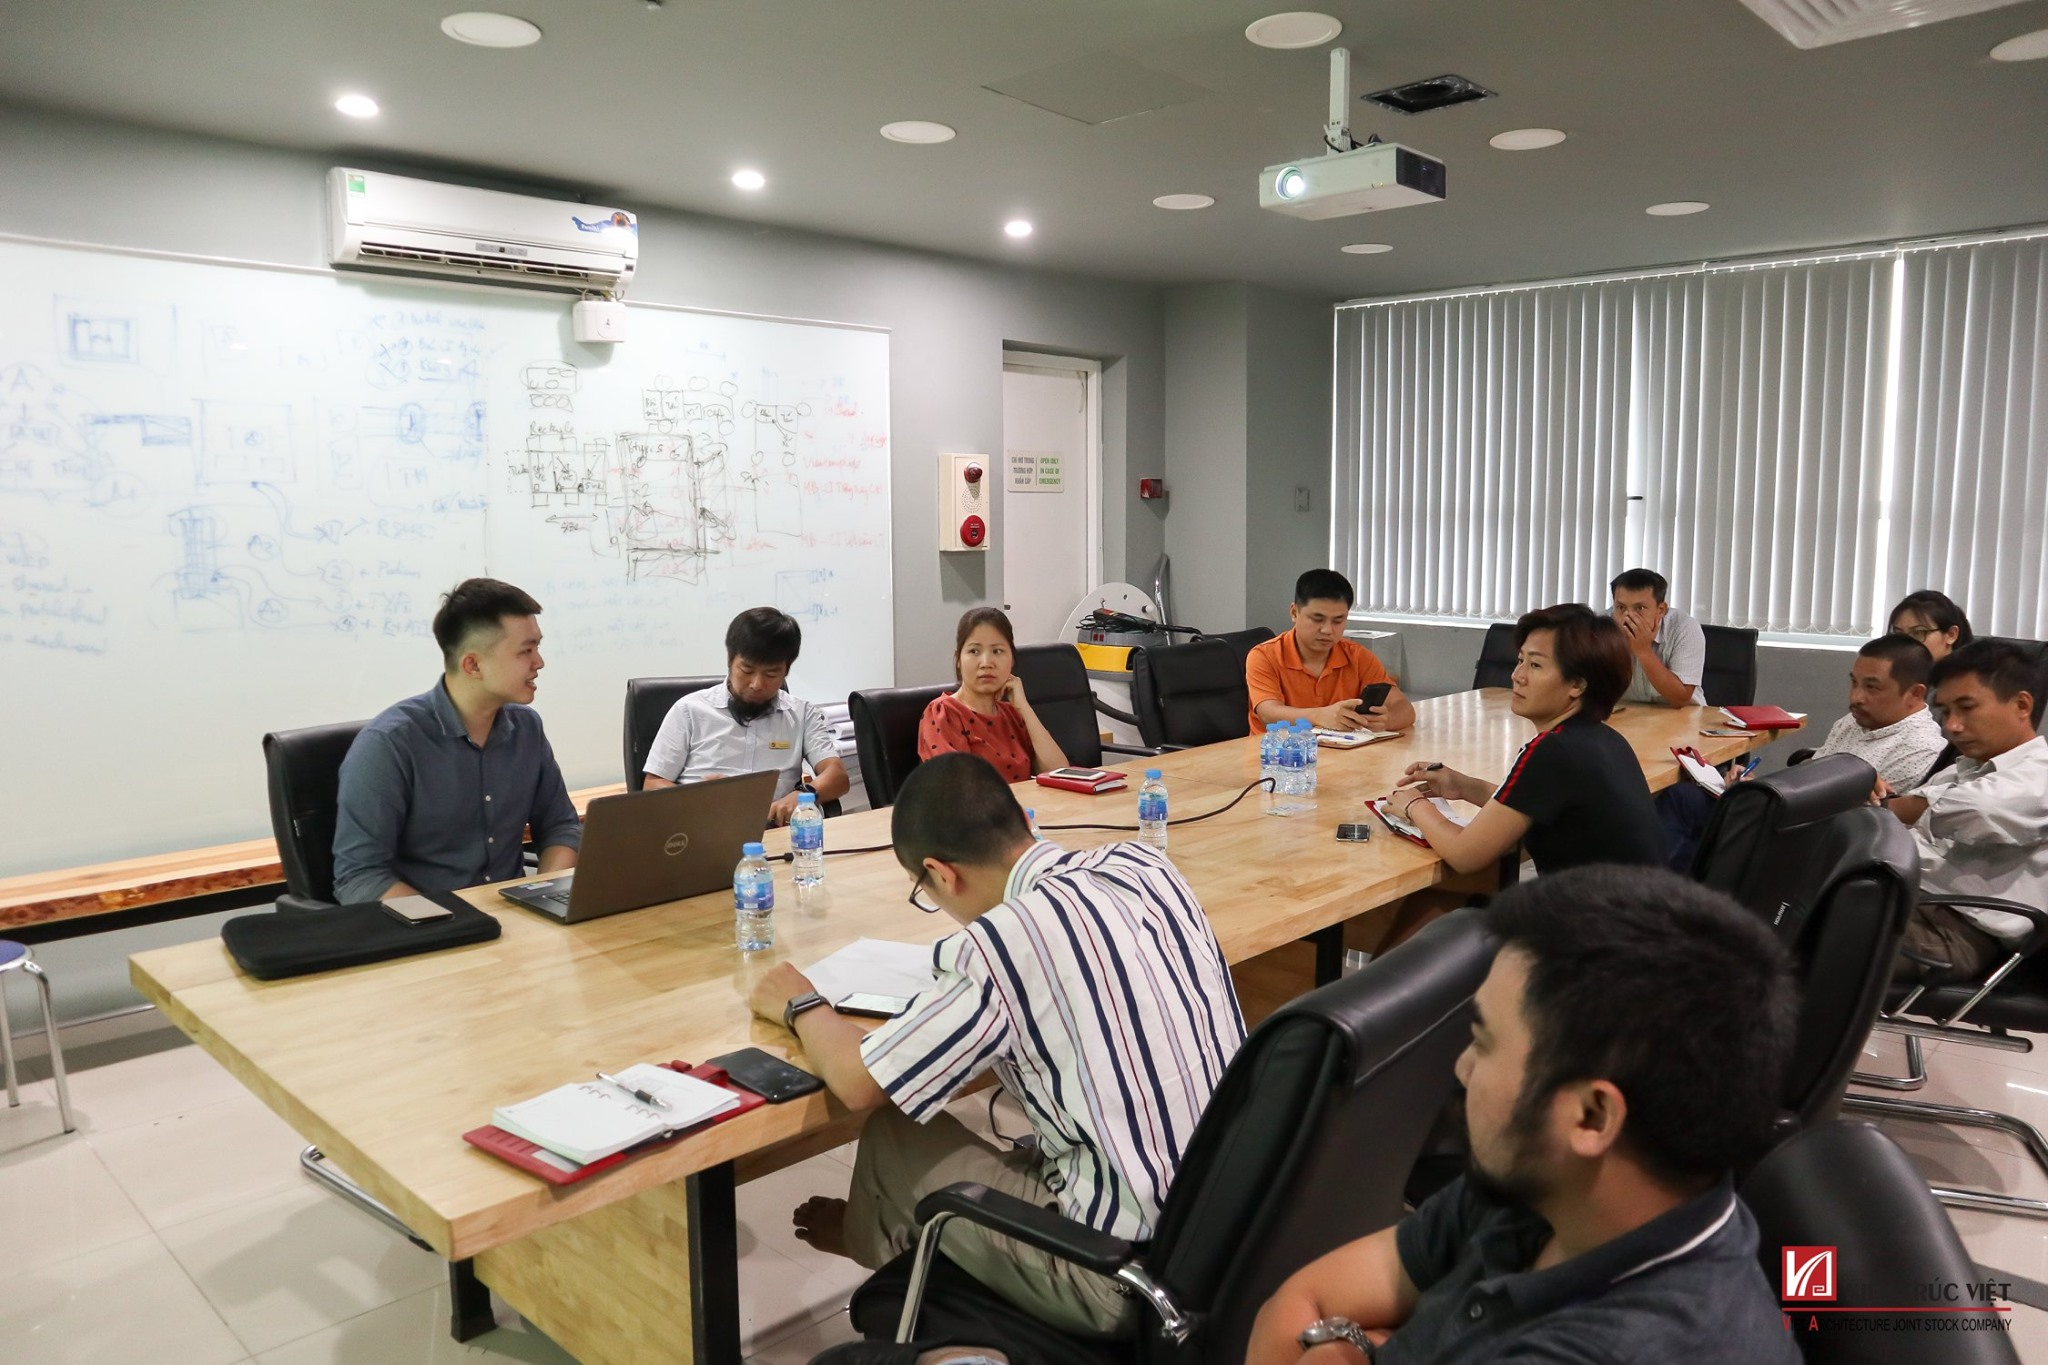 Đào tạo sử dụng công cụ quản trị cho cán bộ cấp quản lý